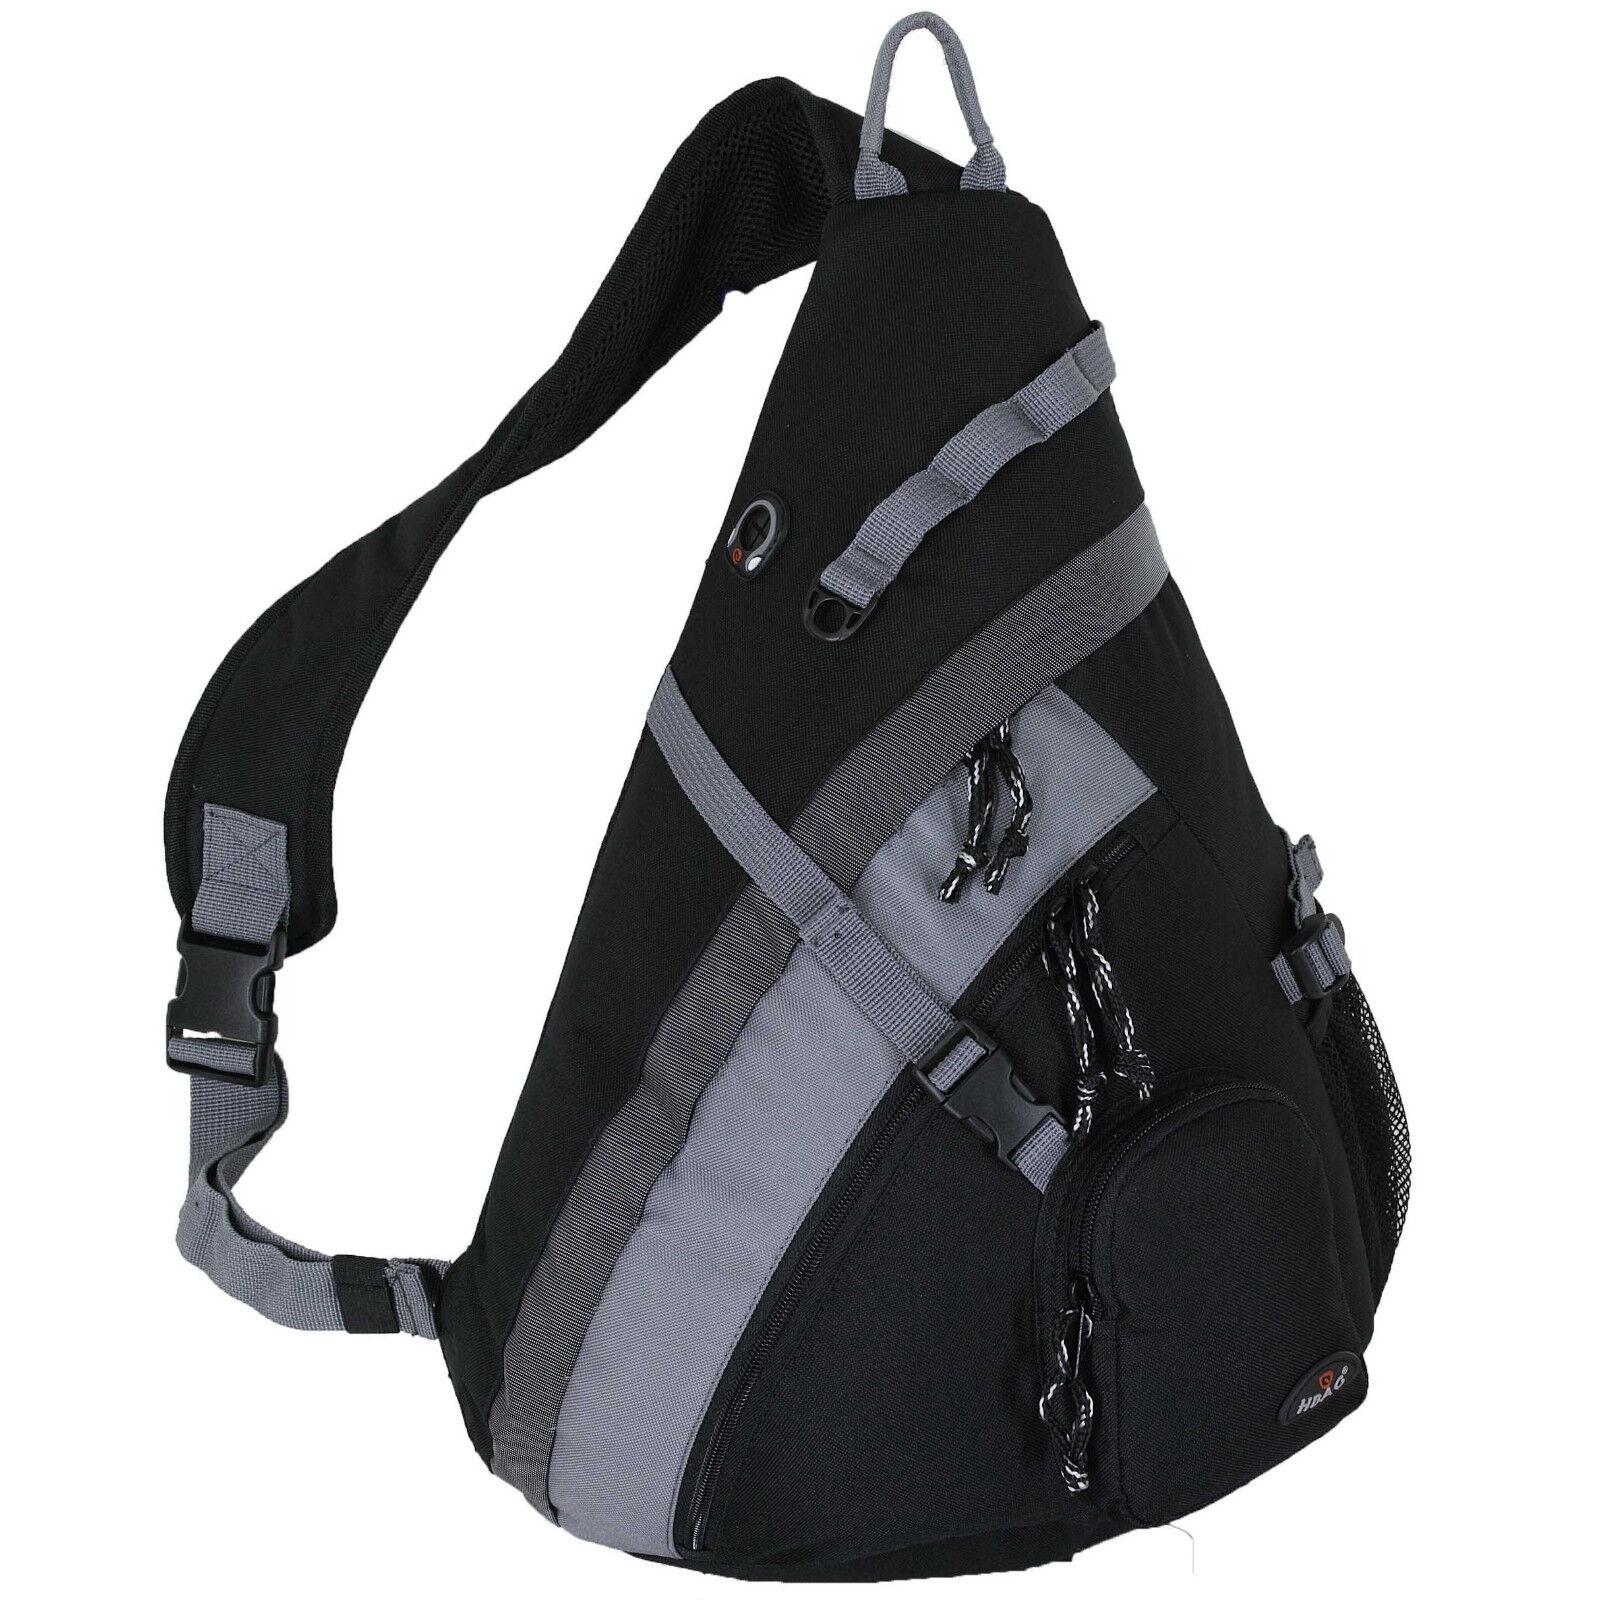 2098a978e1 HBAG 20 Sling Backpack Single Strap School Travel Sports Shoulder Bag Black  for sale online